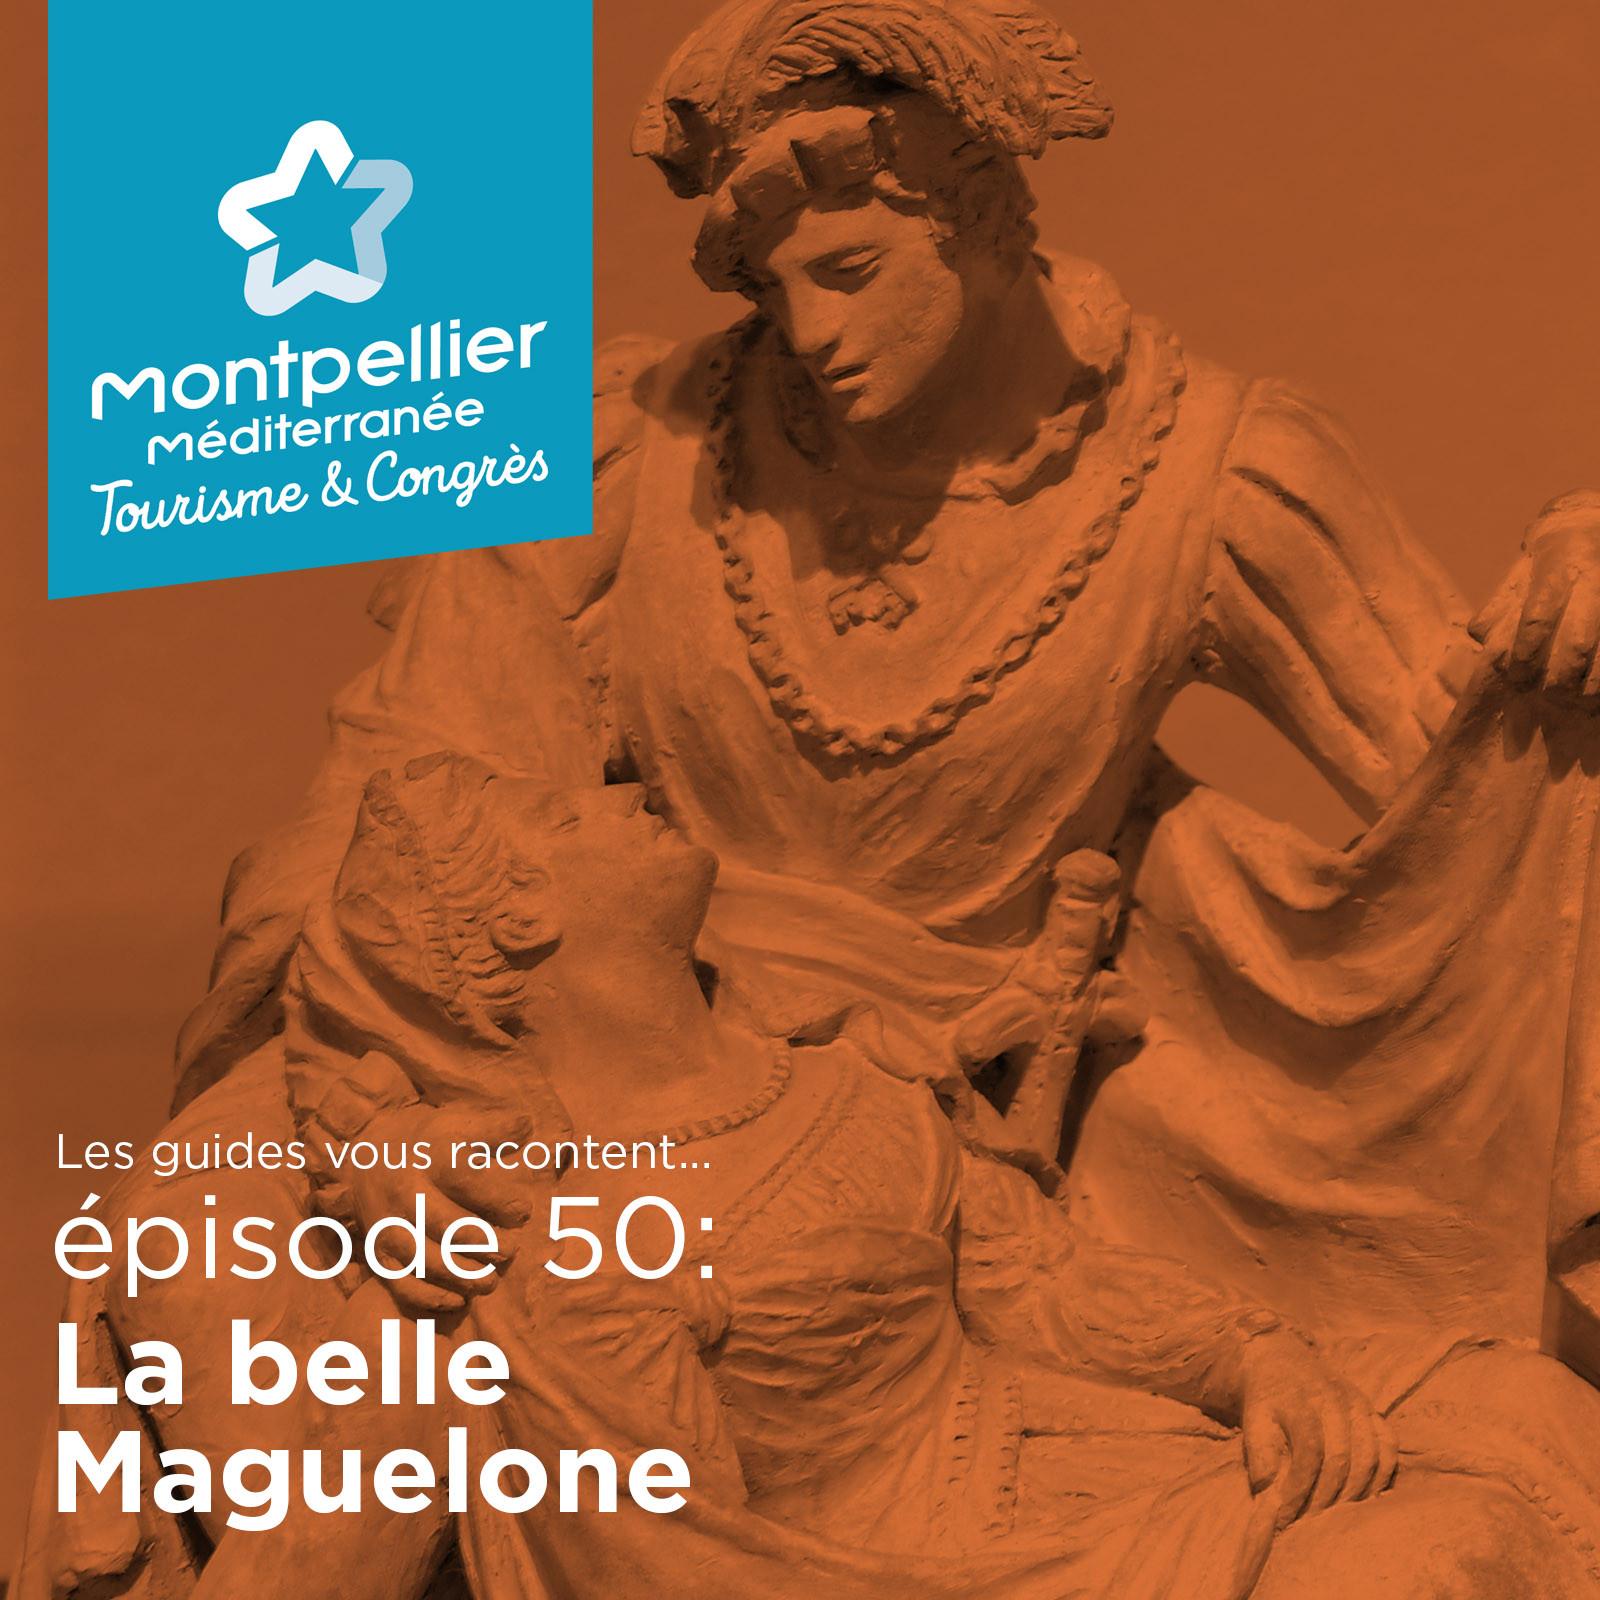 Episode 50: La belle Maguelone